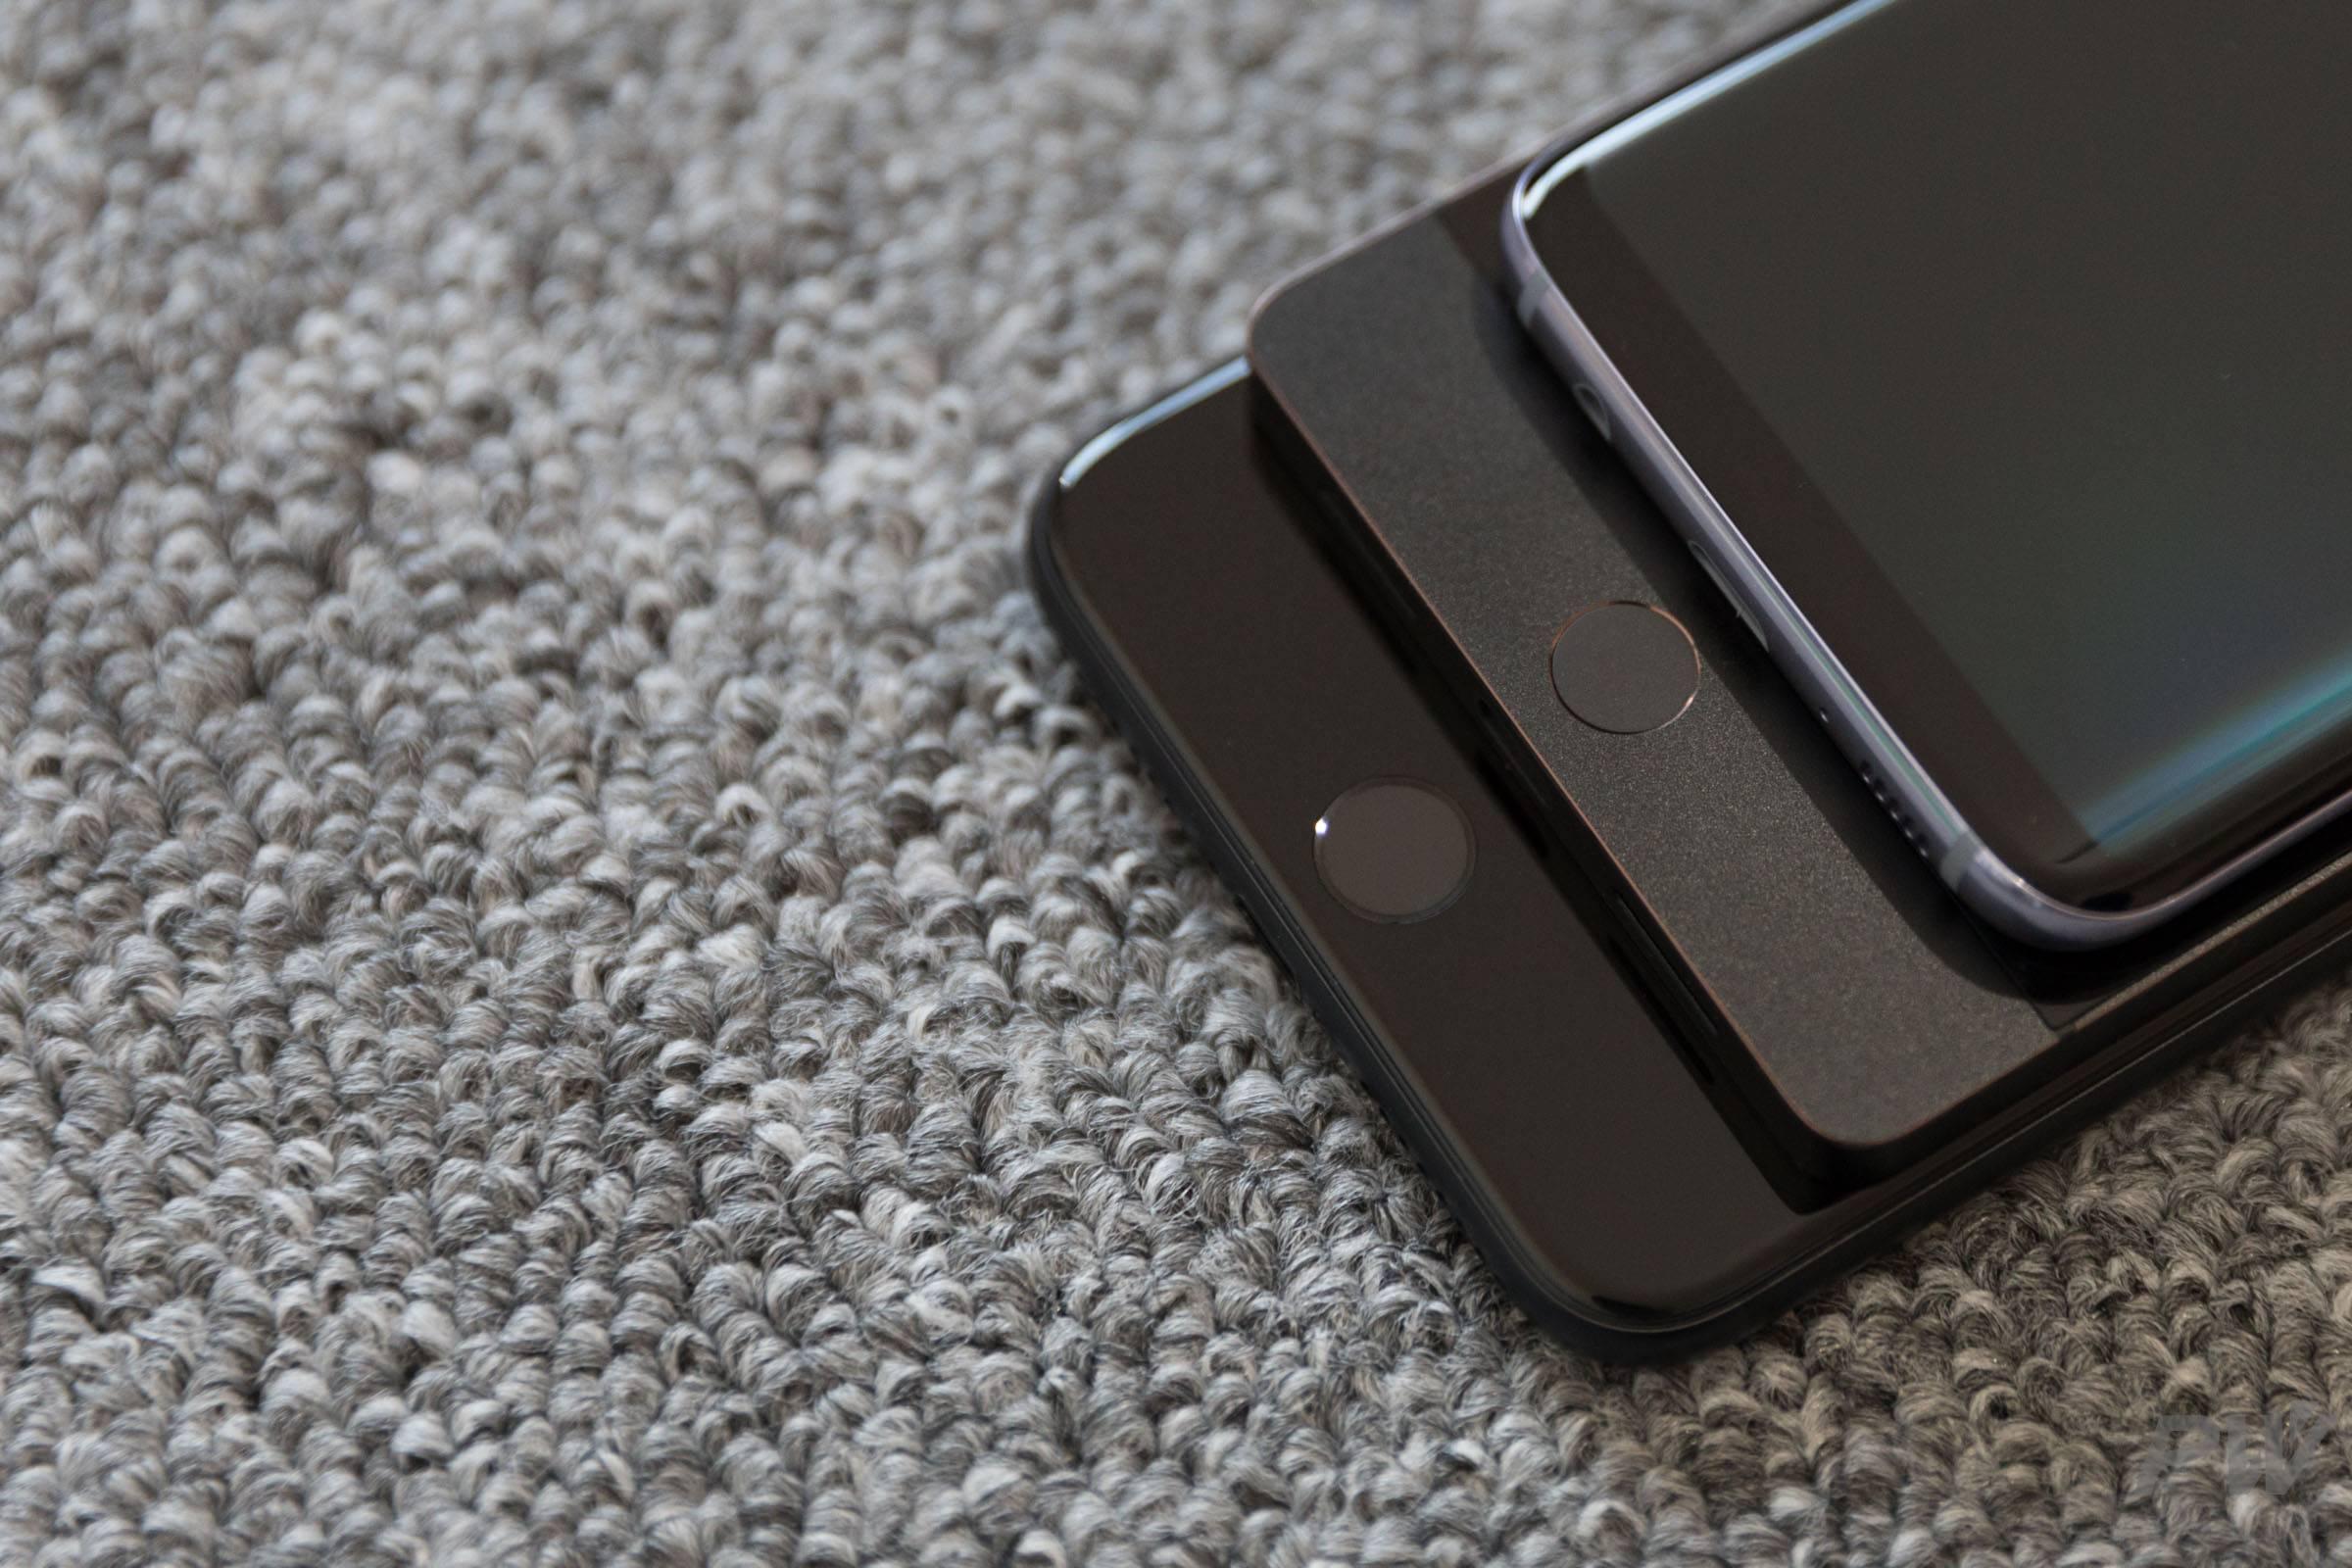 坚果 Pro 跟 iPhone 7 Plus 和三星 Galaxy S8 放在一起。